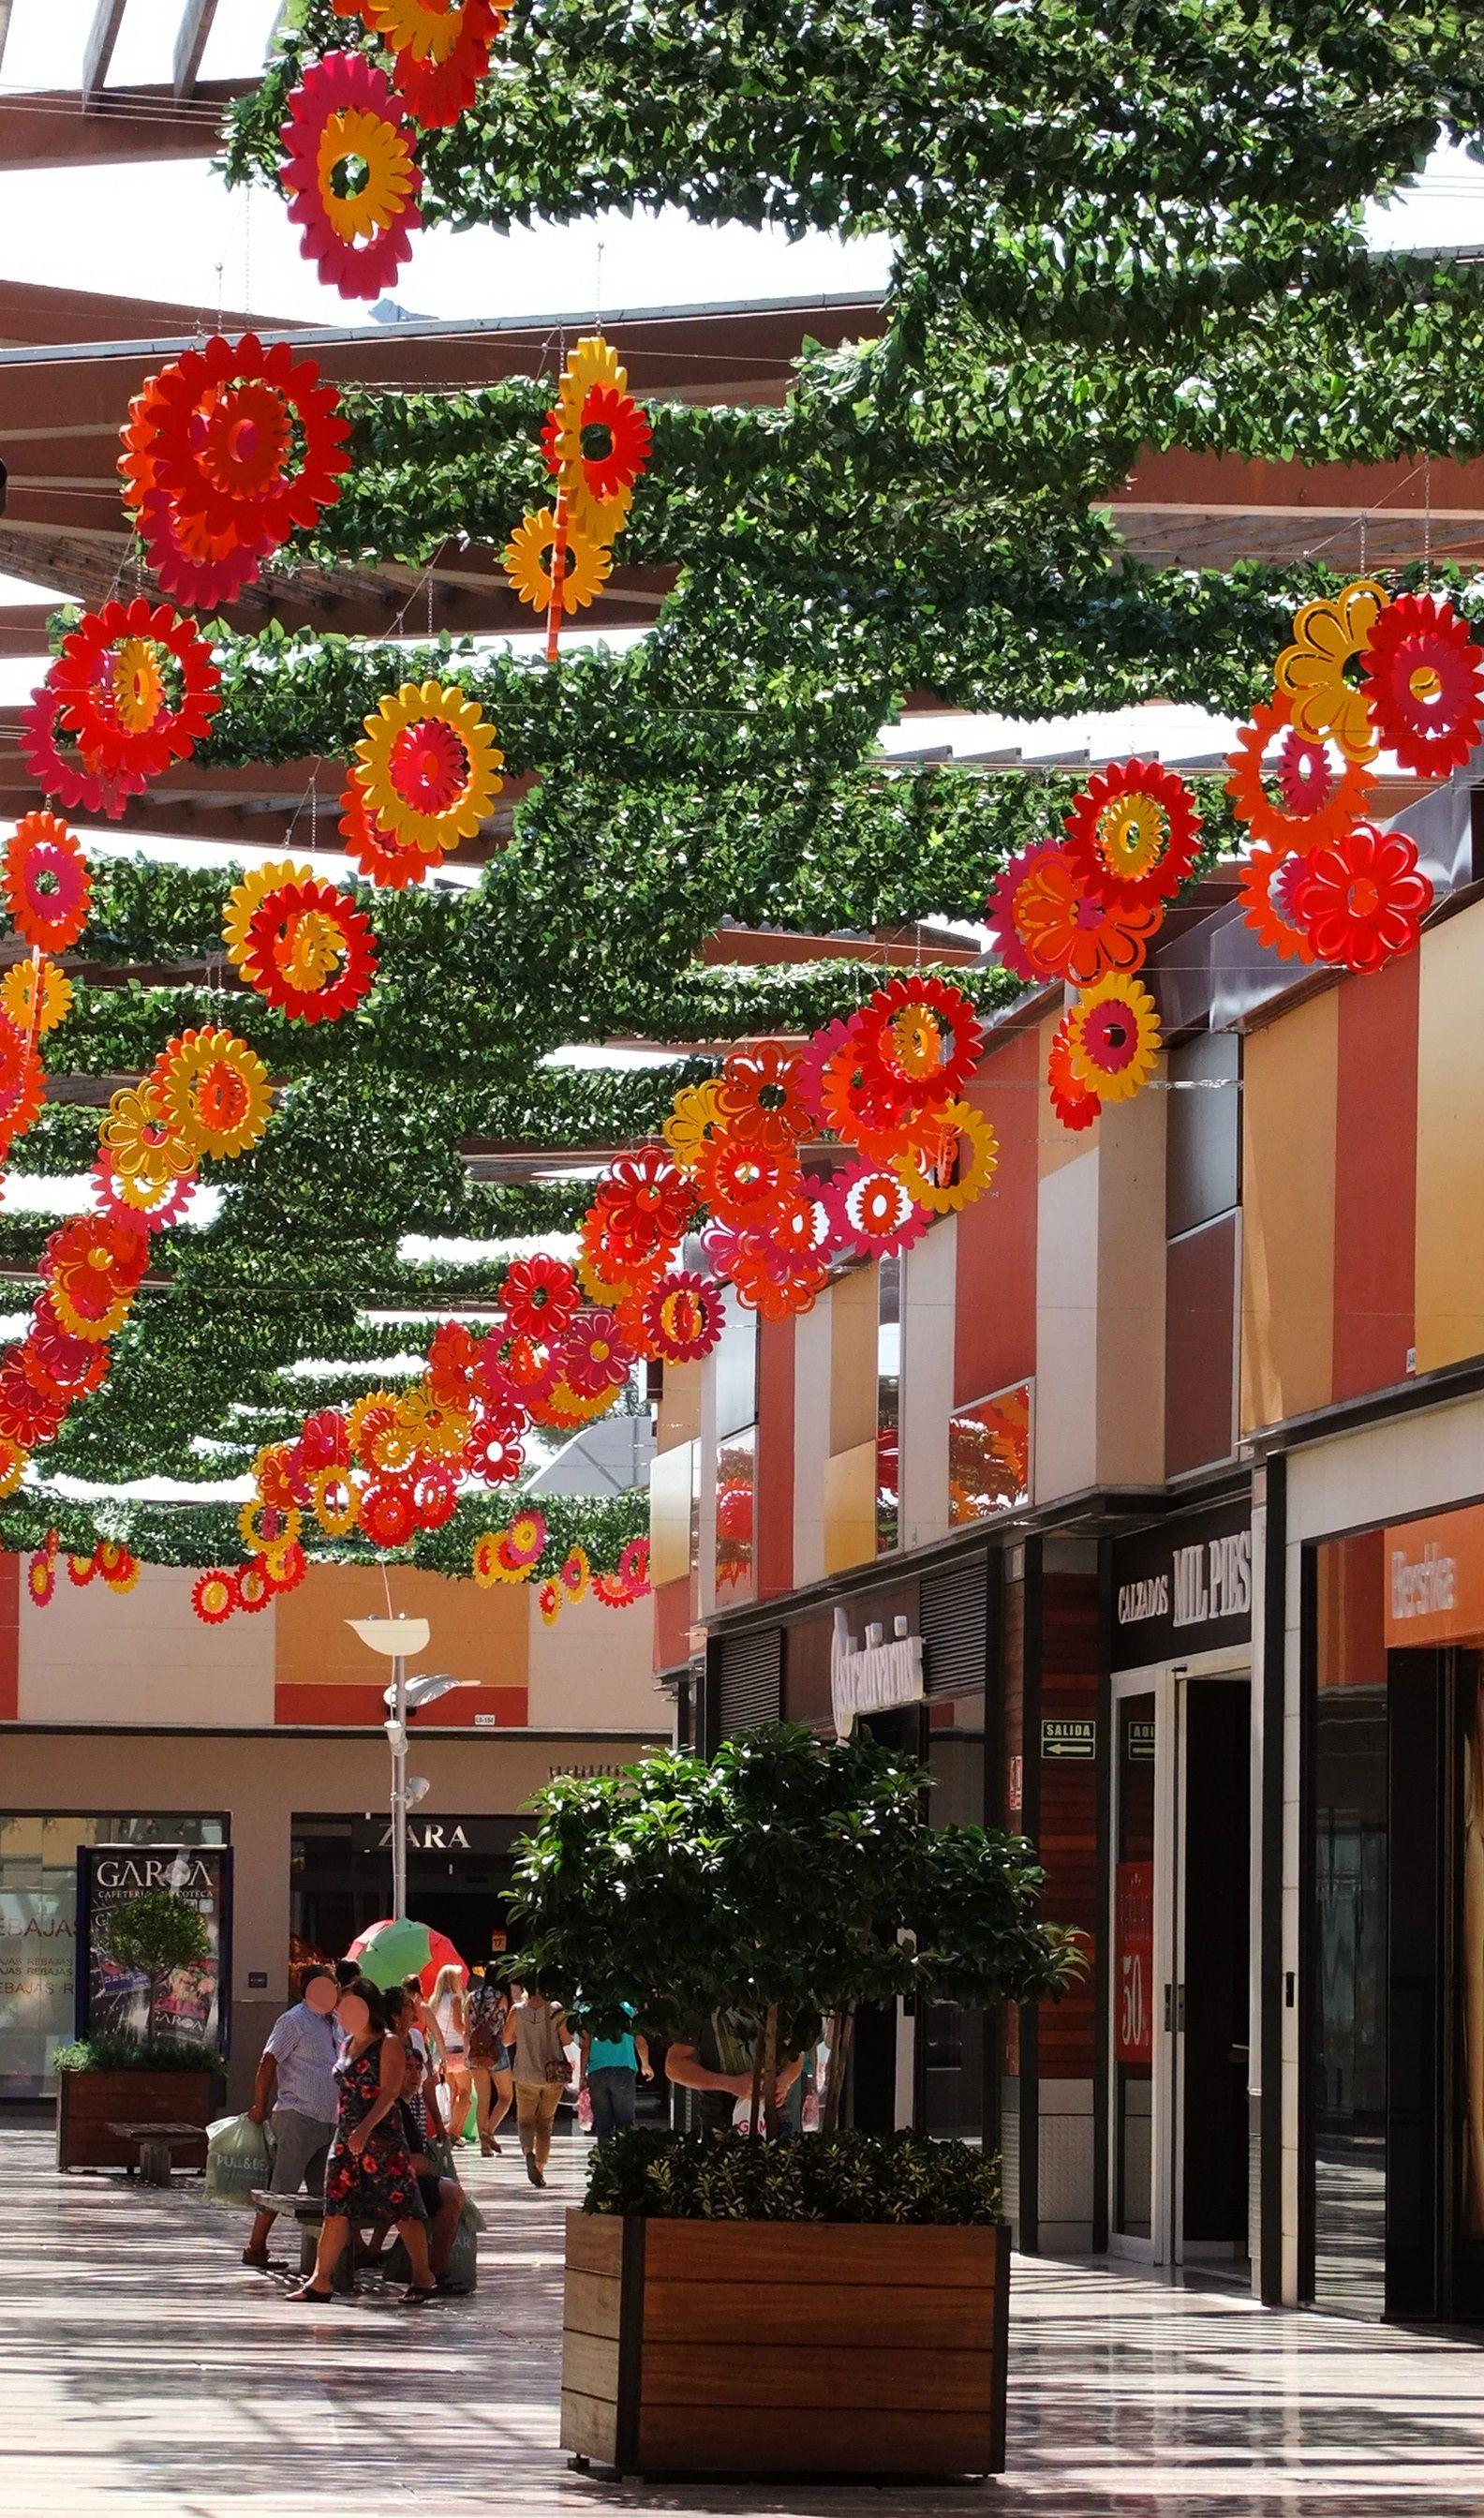 Pin De C C Parque Almenara En Happy Flowers Verano 2015 Summer 2015 Flores Parques Centro Comercial